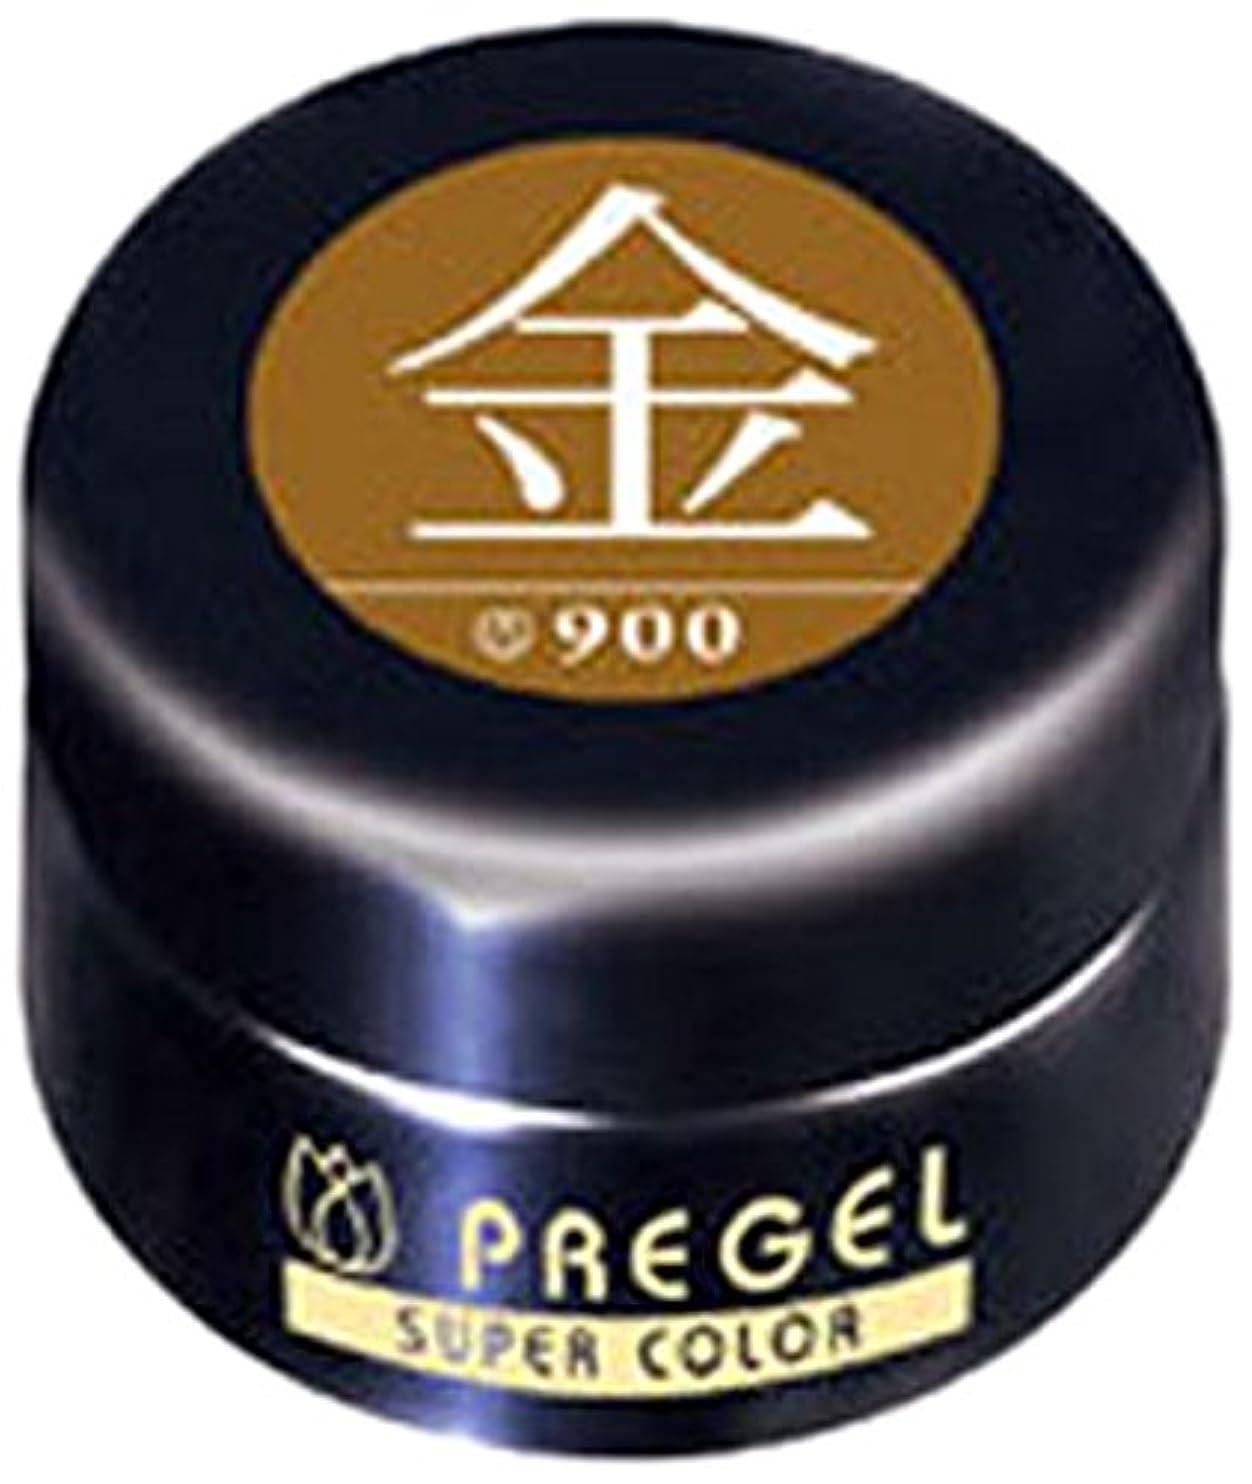 について主導権マーチャンダイジングプリジェル ジェルネイル スーパーカラーEX 金 4g PG-SE900 カラージェル UV/LED対応